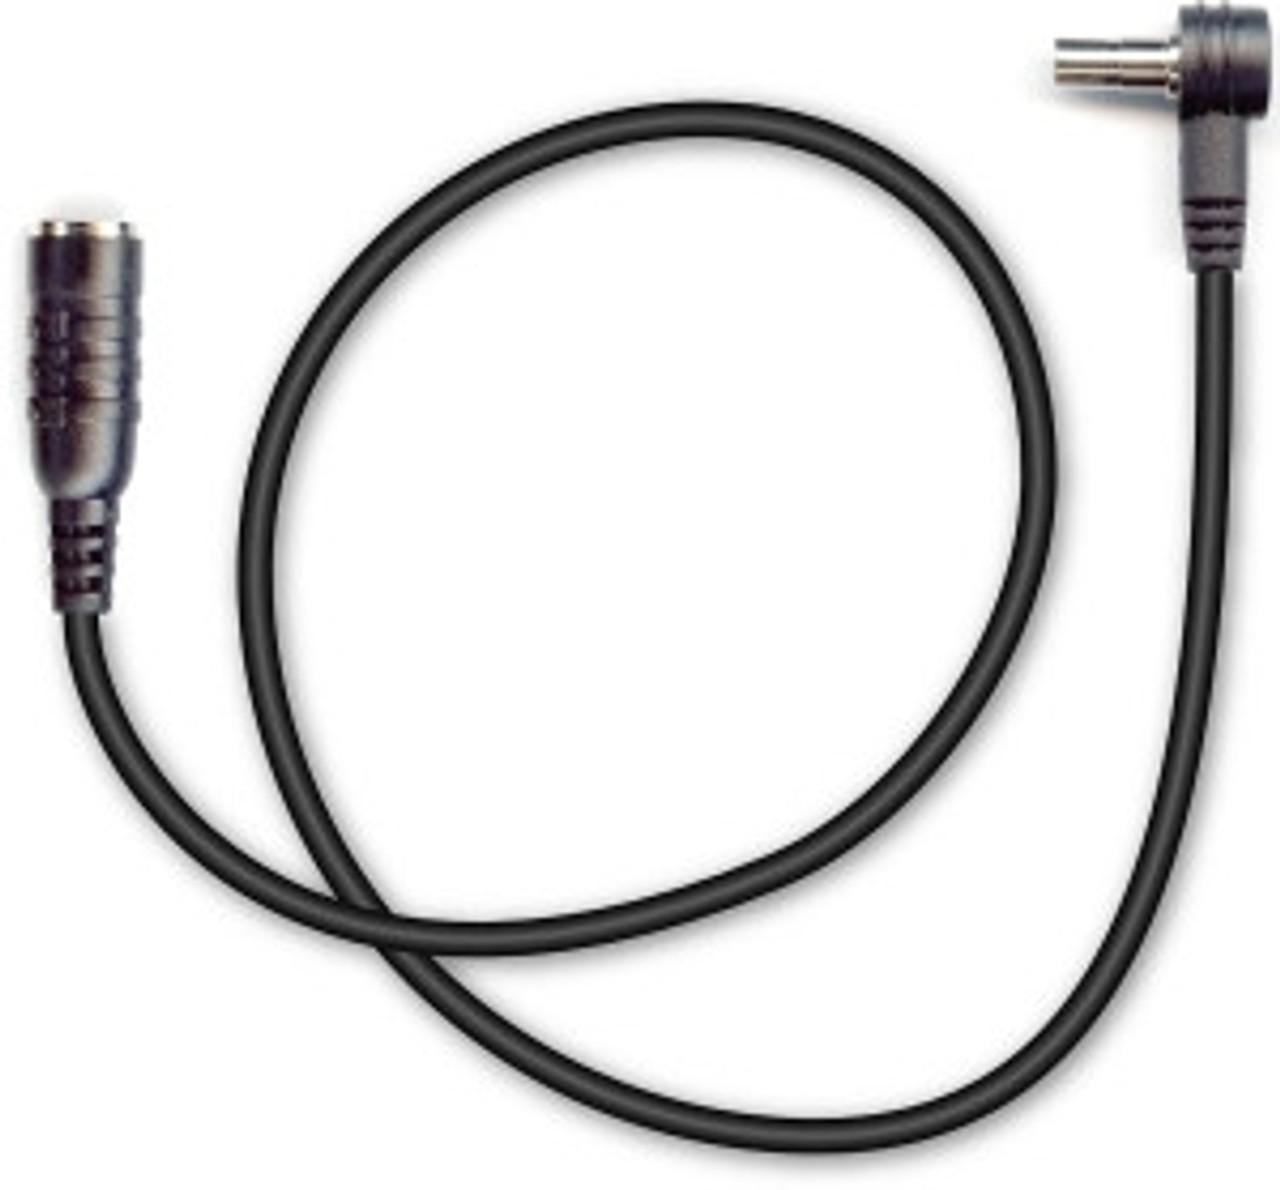 External Antenna Adapters